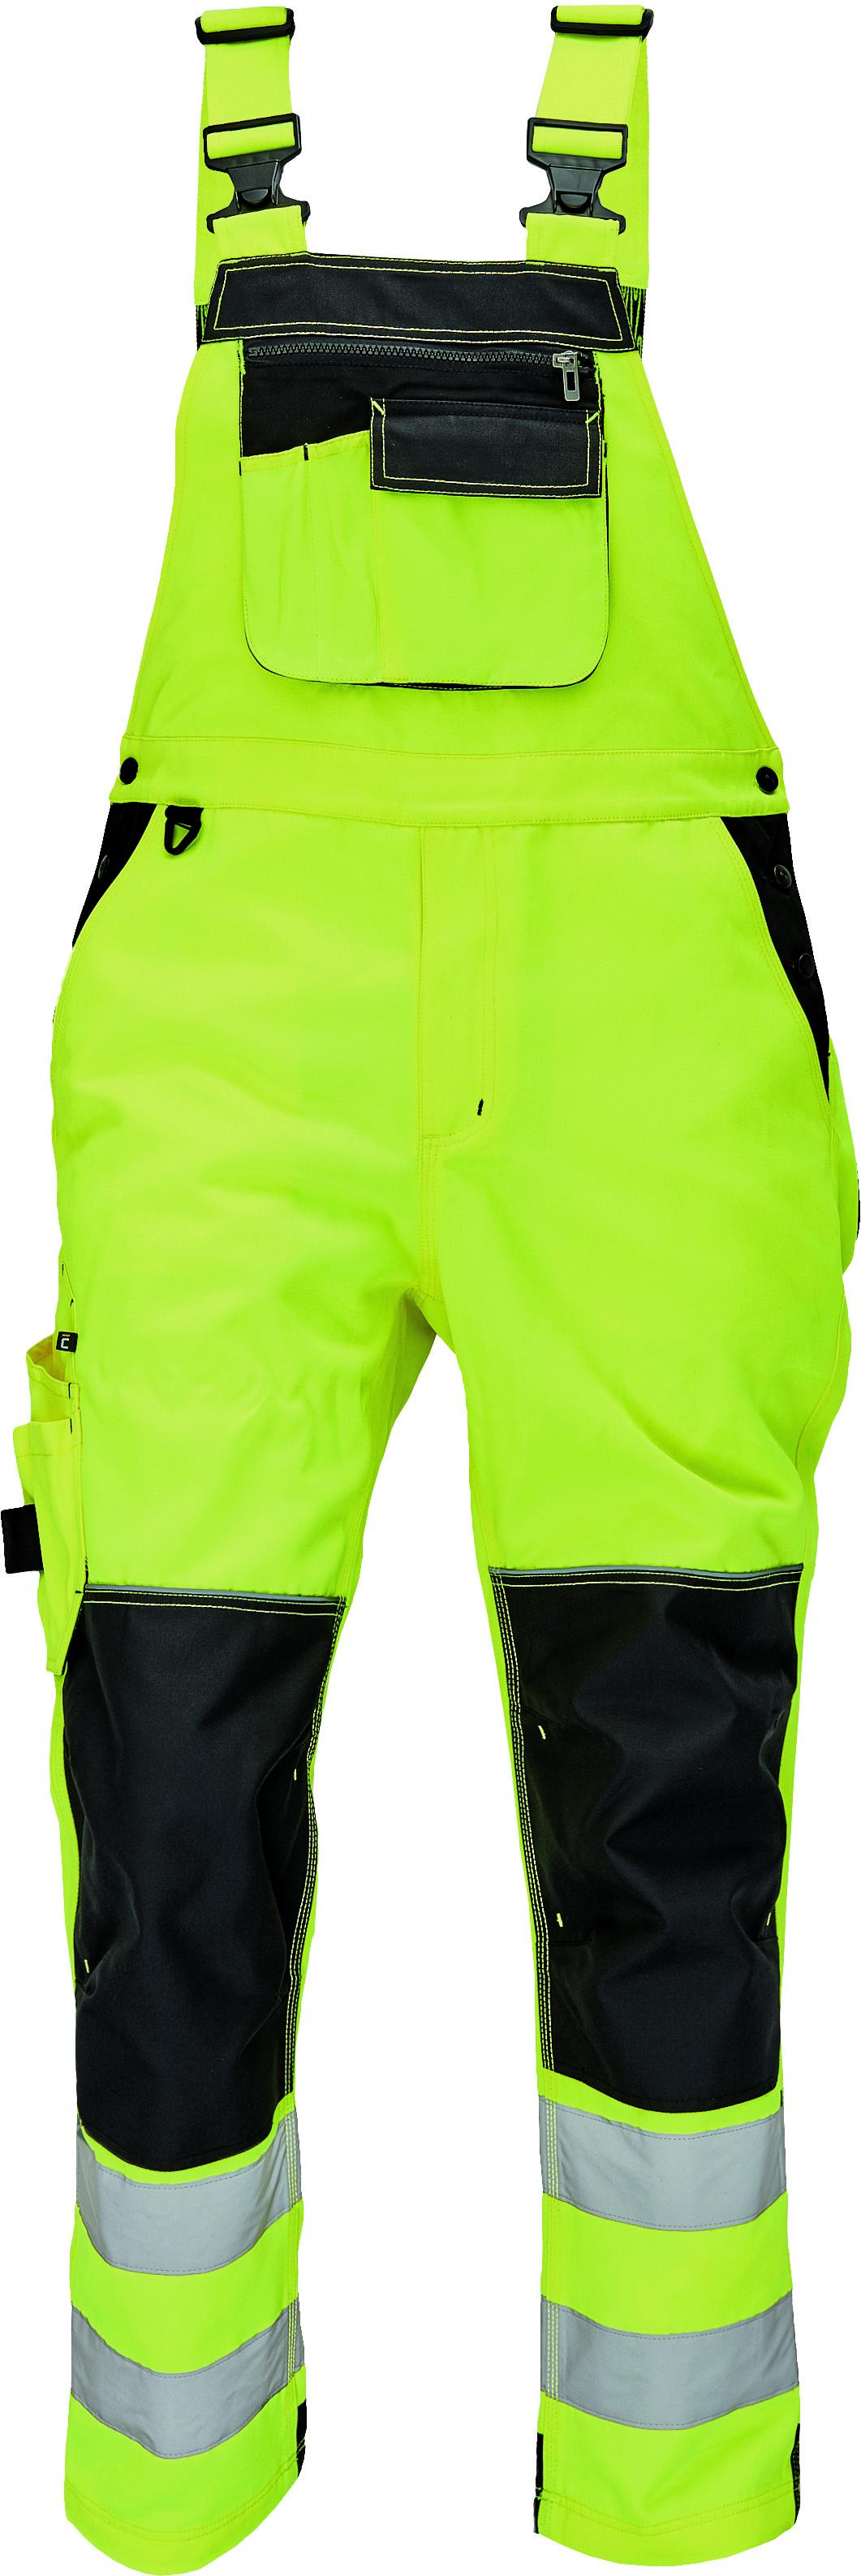 KNOXFIELD HV FL kalhoty laclové 03020328 žluté 54